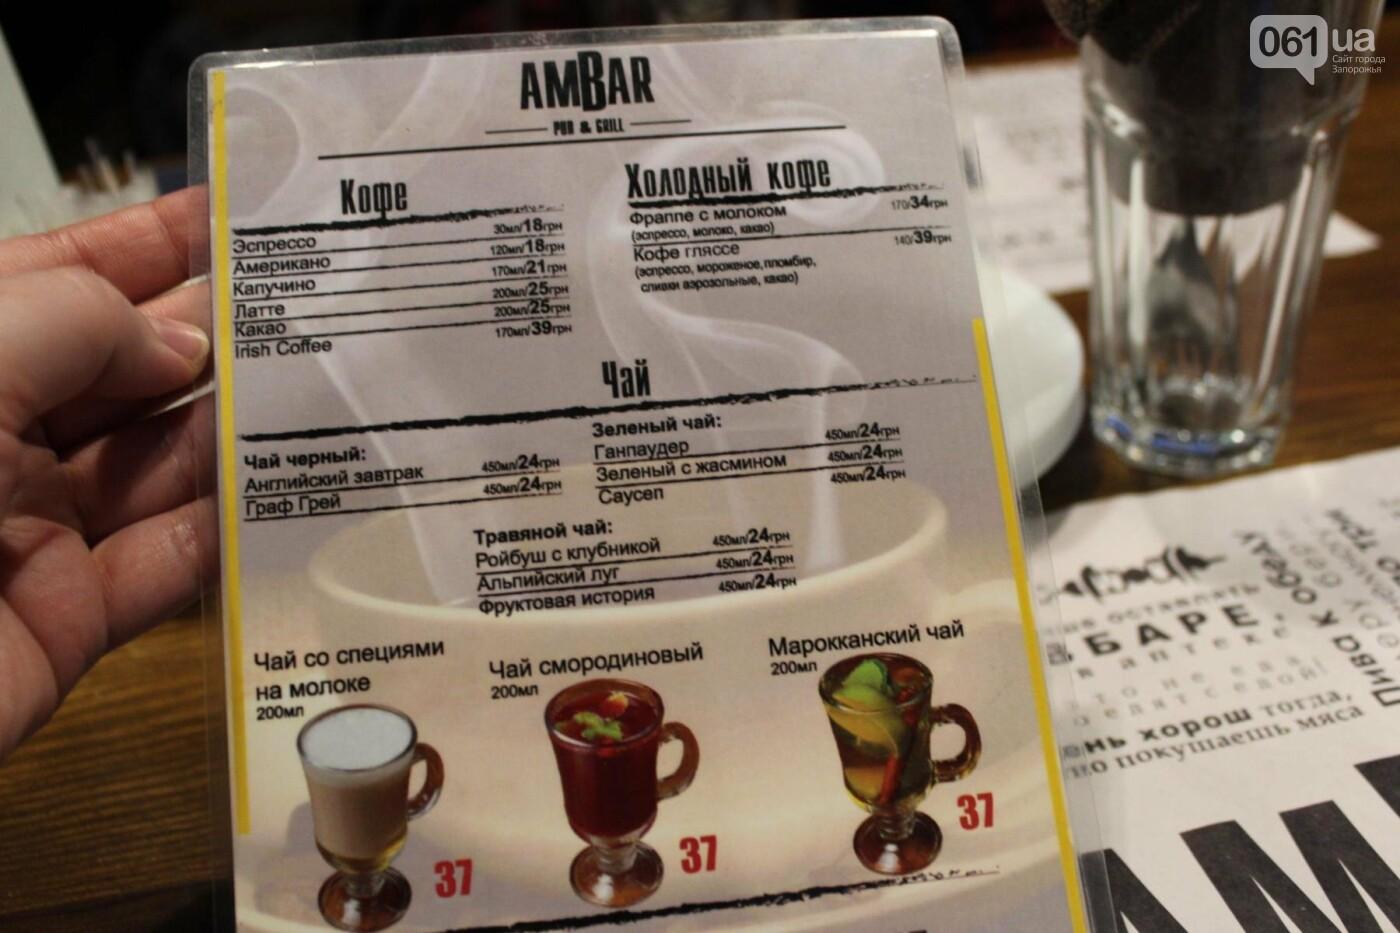 Тест-драйв запорожских общепитов: Ambar , фото-25